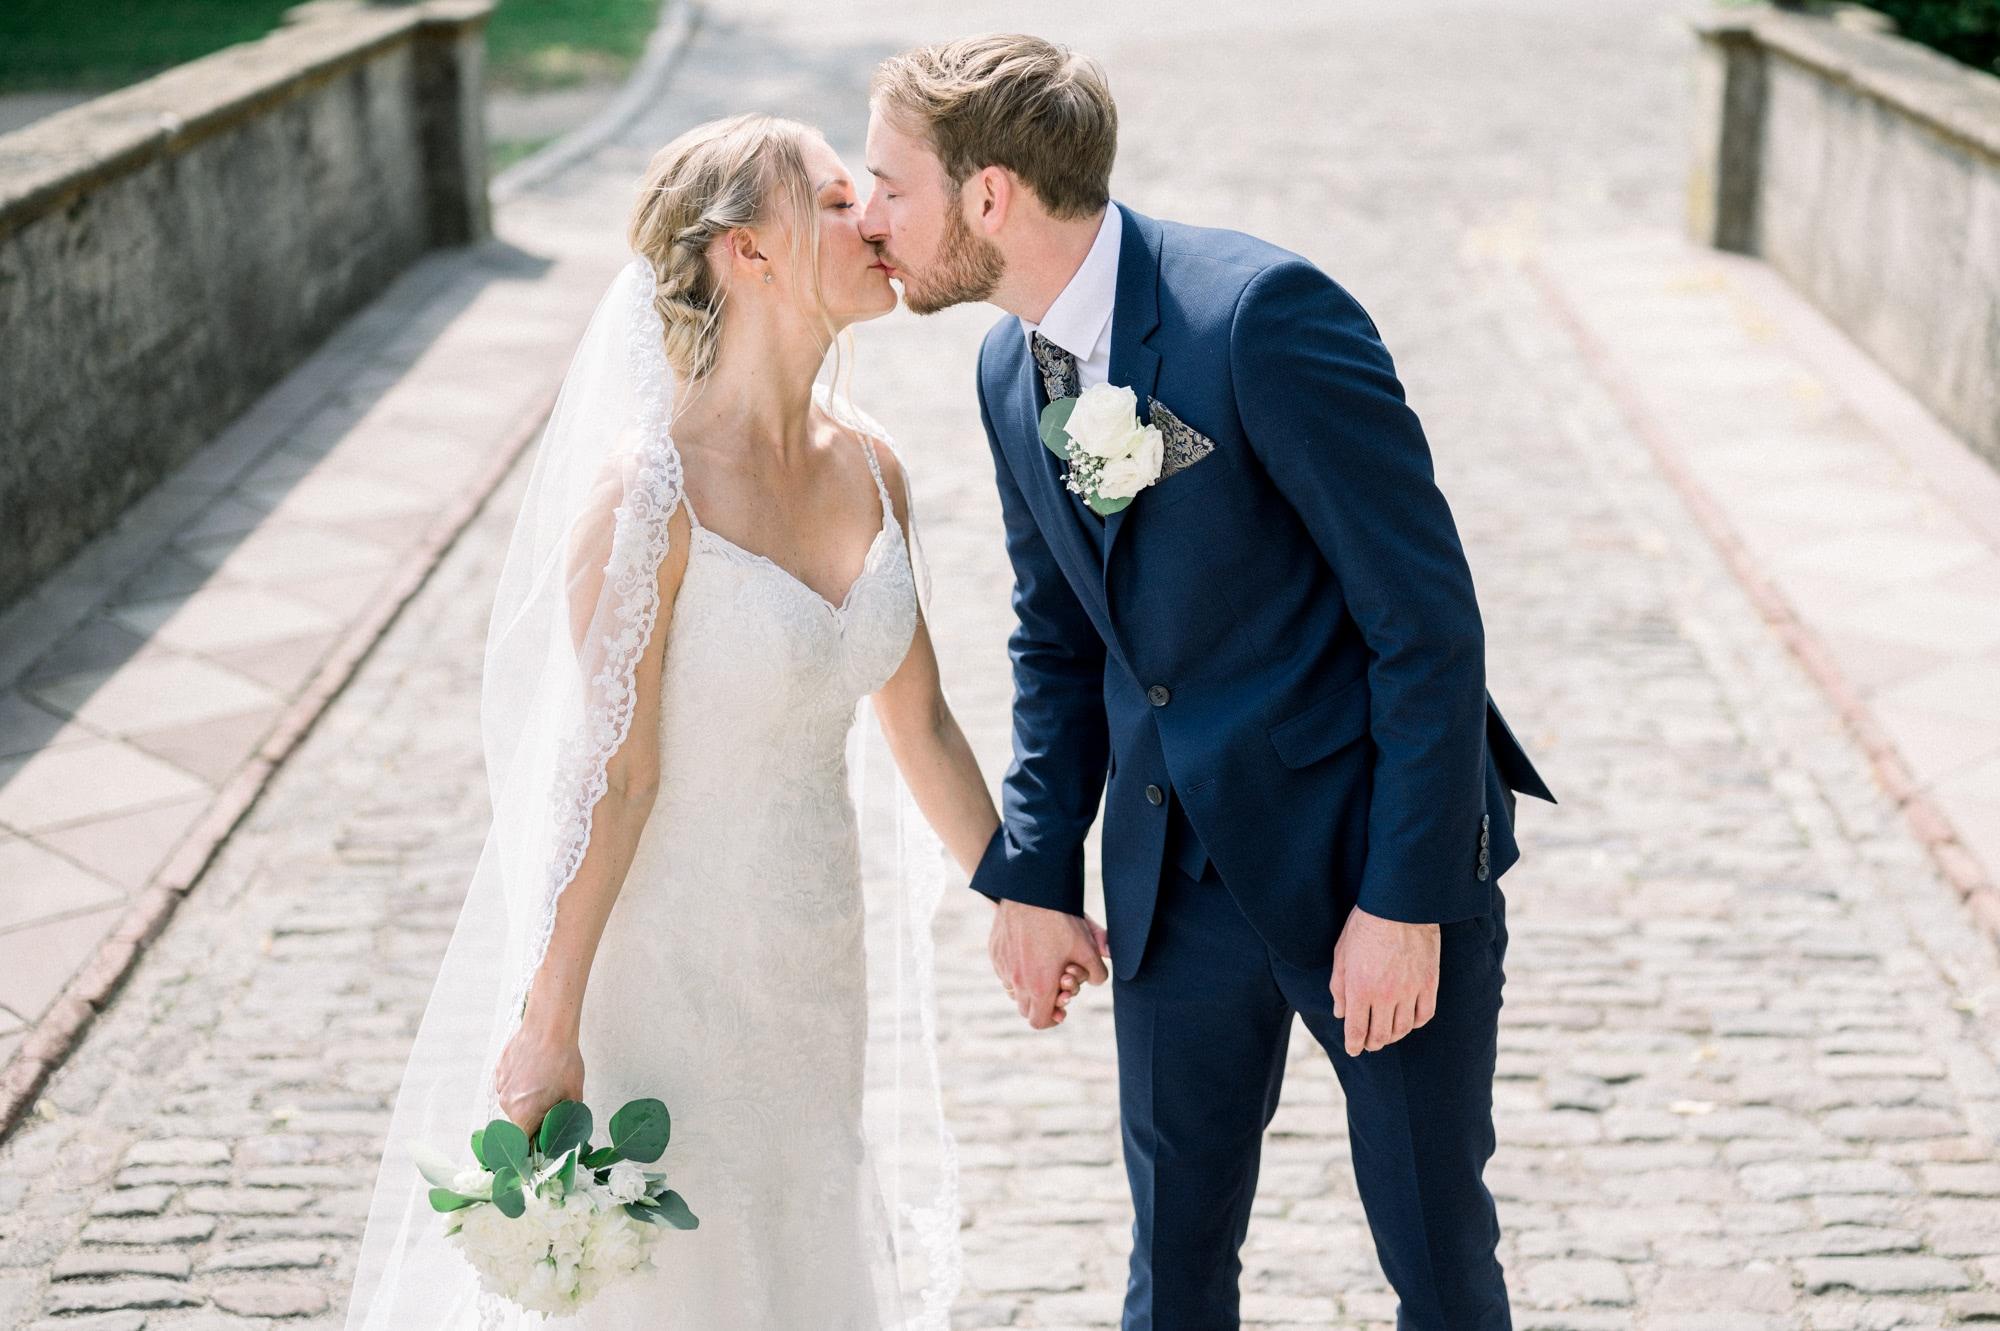 Hochzeitsfotograf-51.jpg